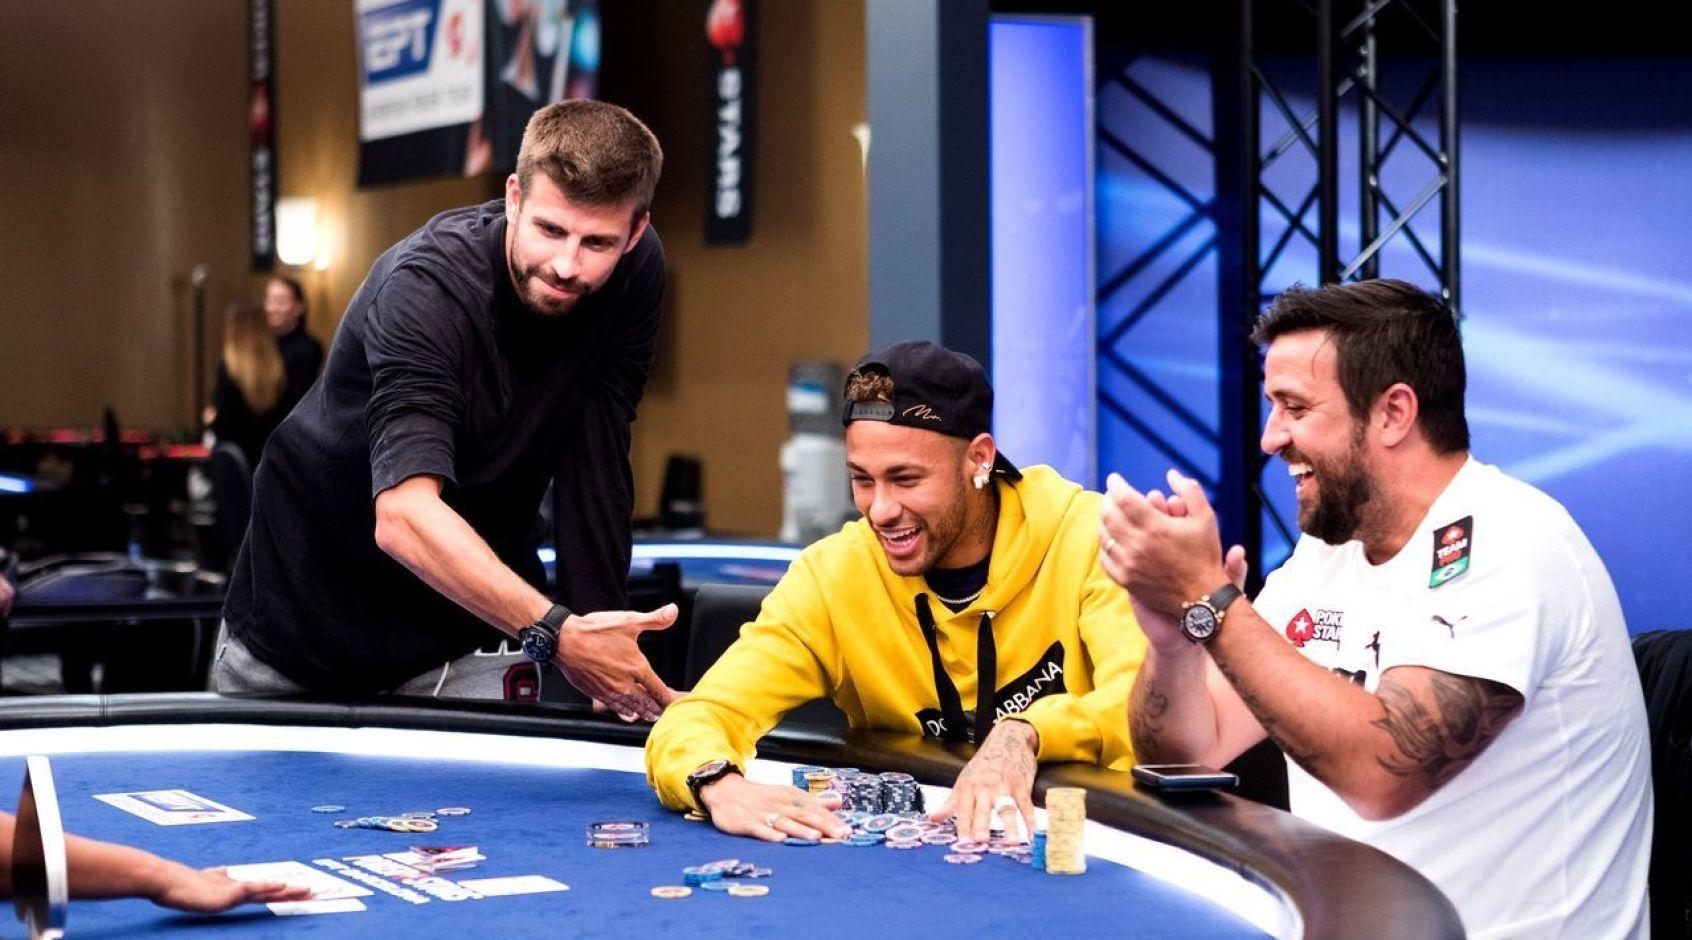 Топ-10 футболистов, играющих в покер: успешный Пике, перспективный Неймар, скандальный Тотти